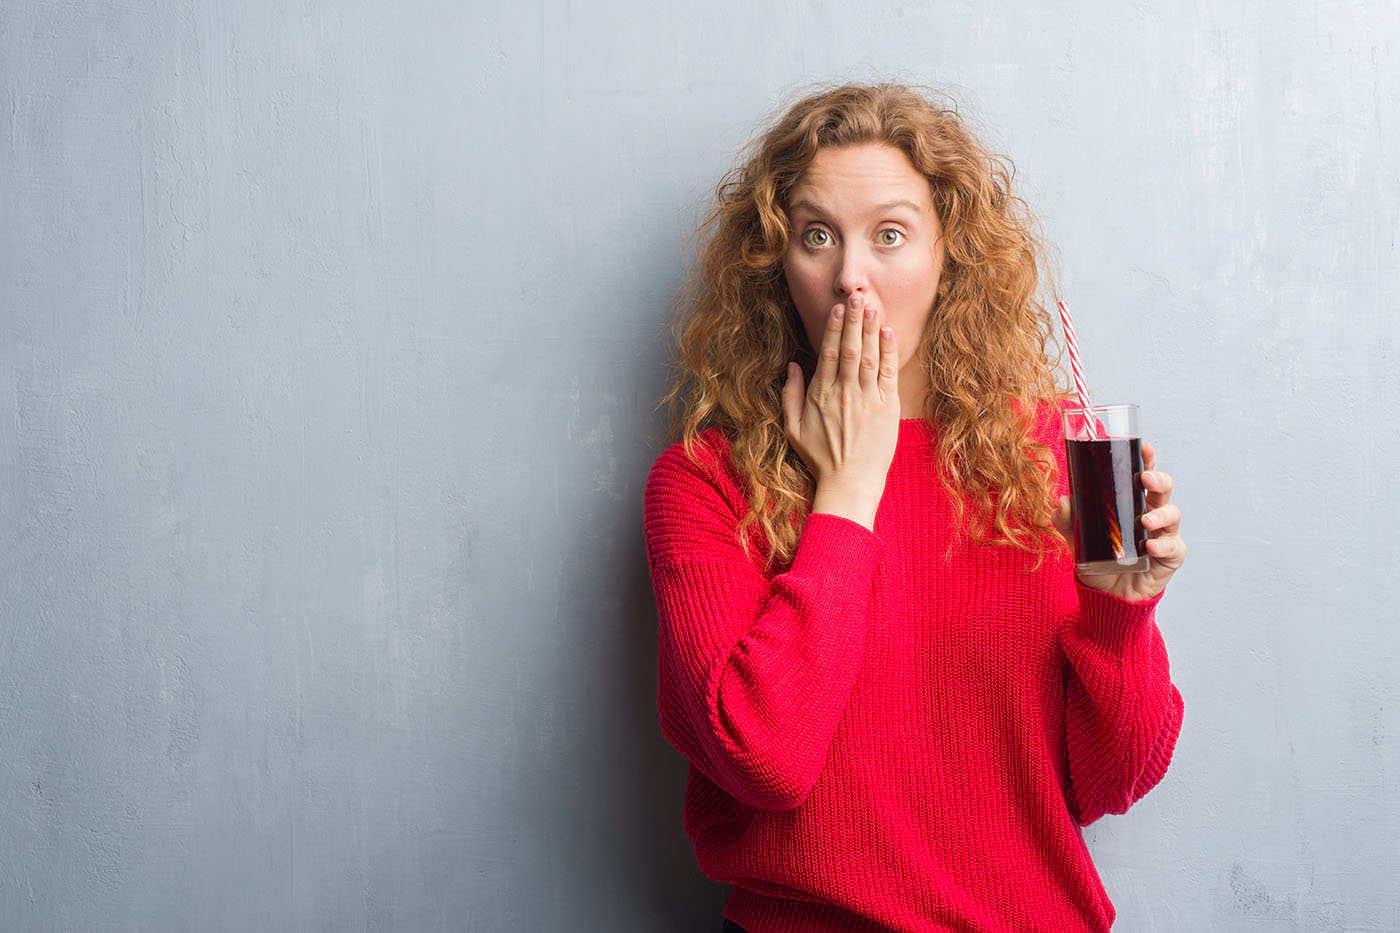 Obiceiuri aparent sănătoase care pot avea efecte nocive